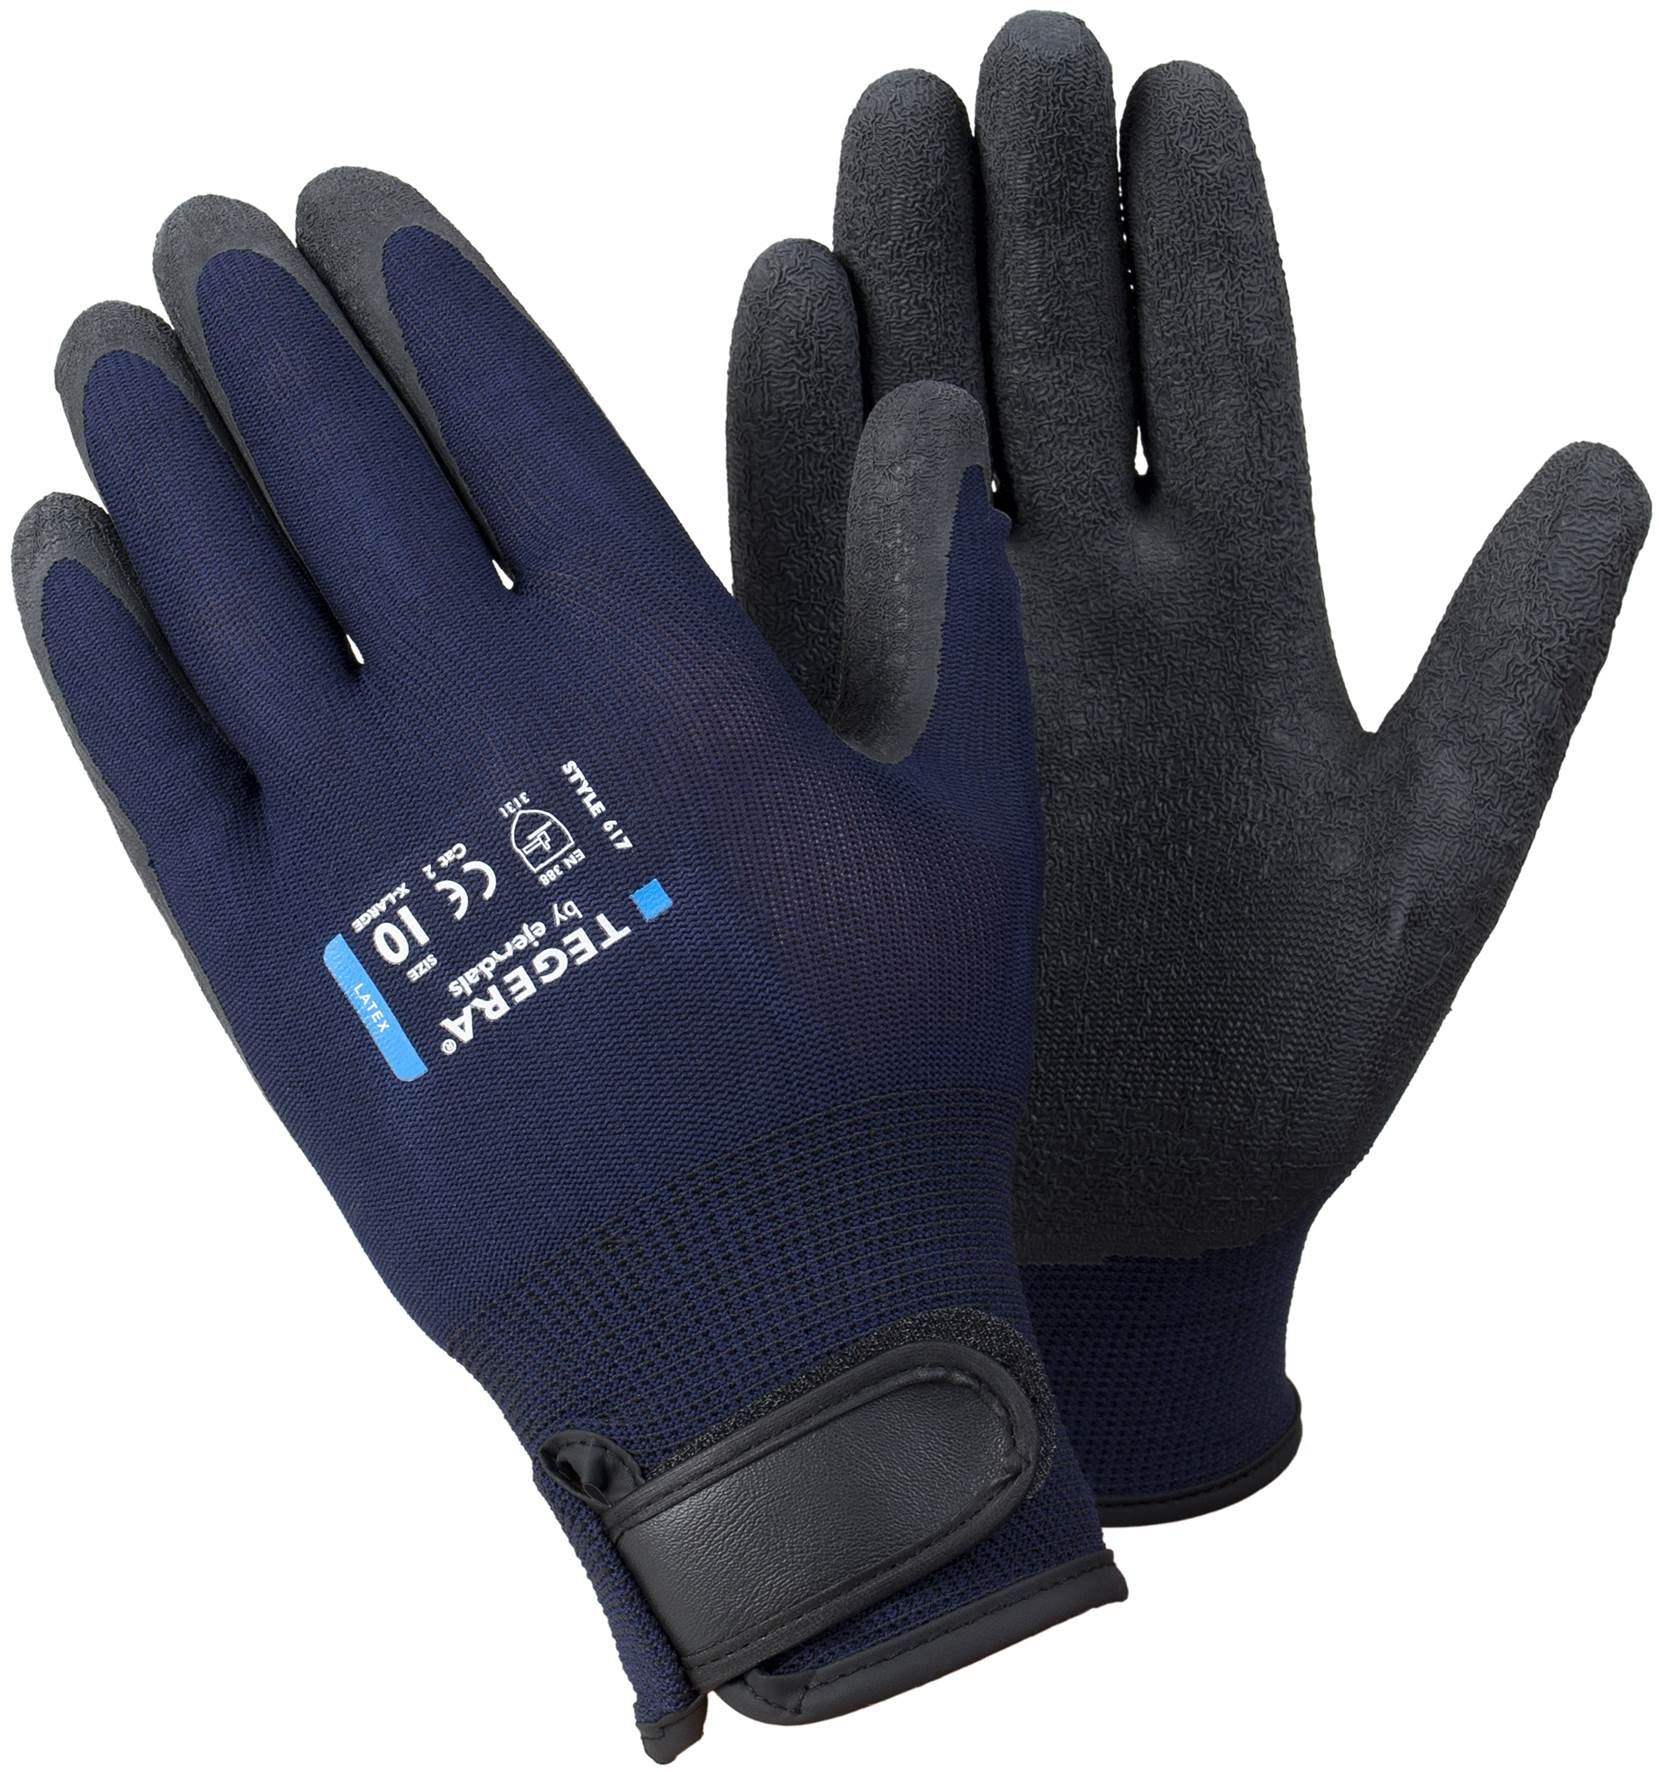 1 12 pairs latex coated grip waterproof palm builders gardening work gloves